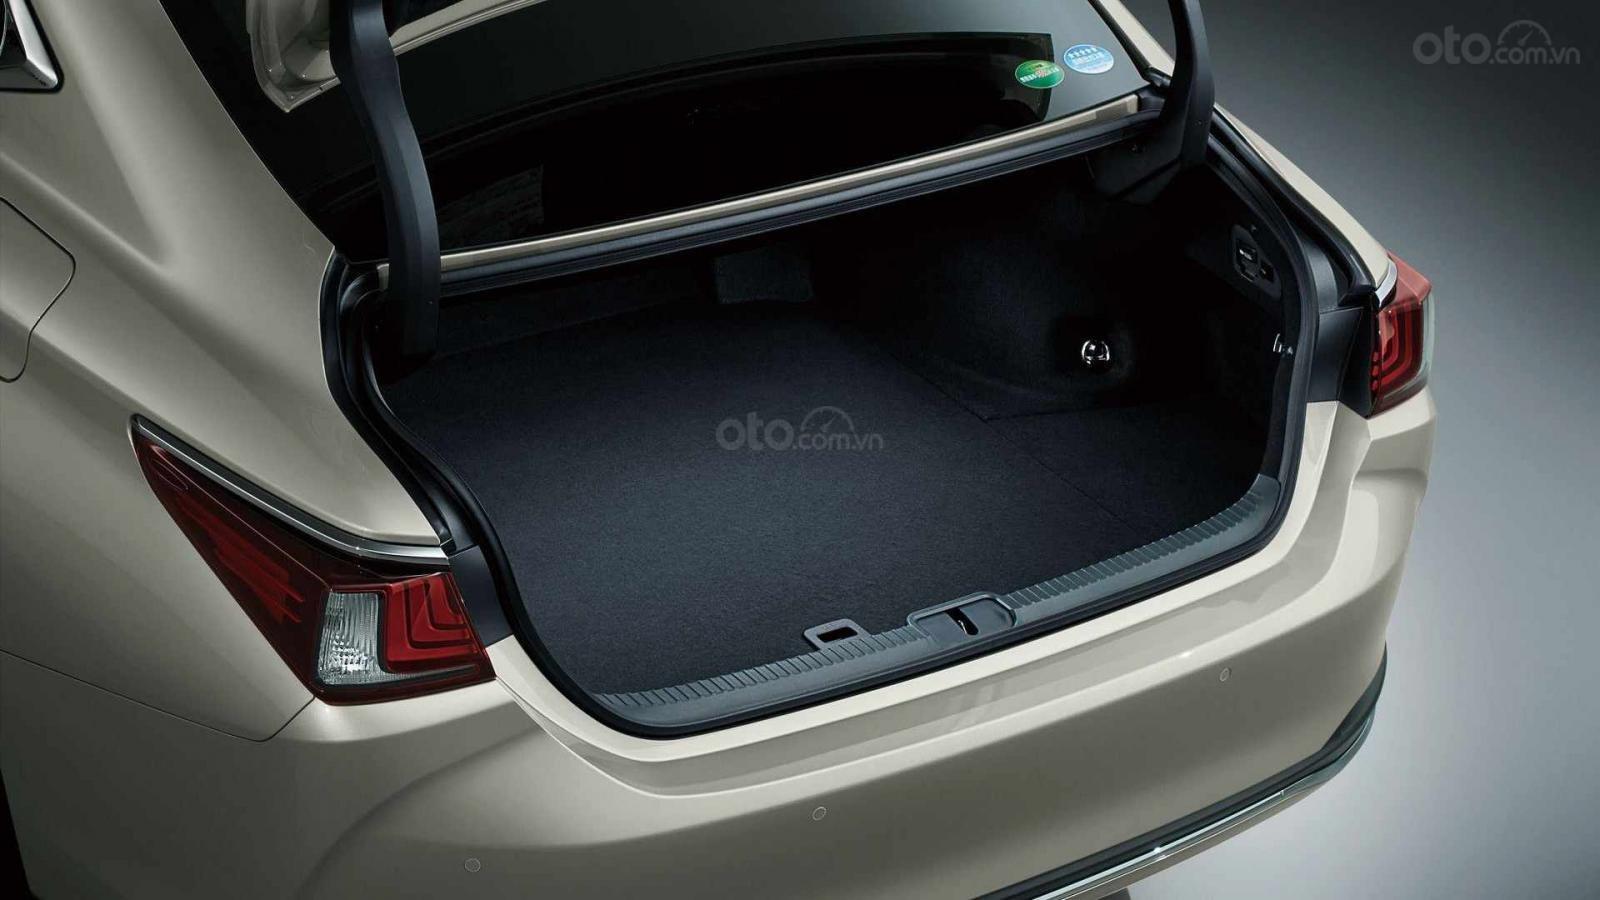 Ưu nhược điểm của mẫu Lexus ES 2019: Sang trọng nhưng hạn chế về mặc chuyên chở